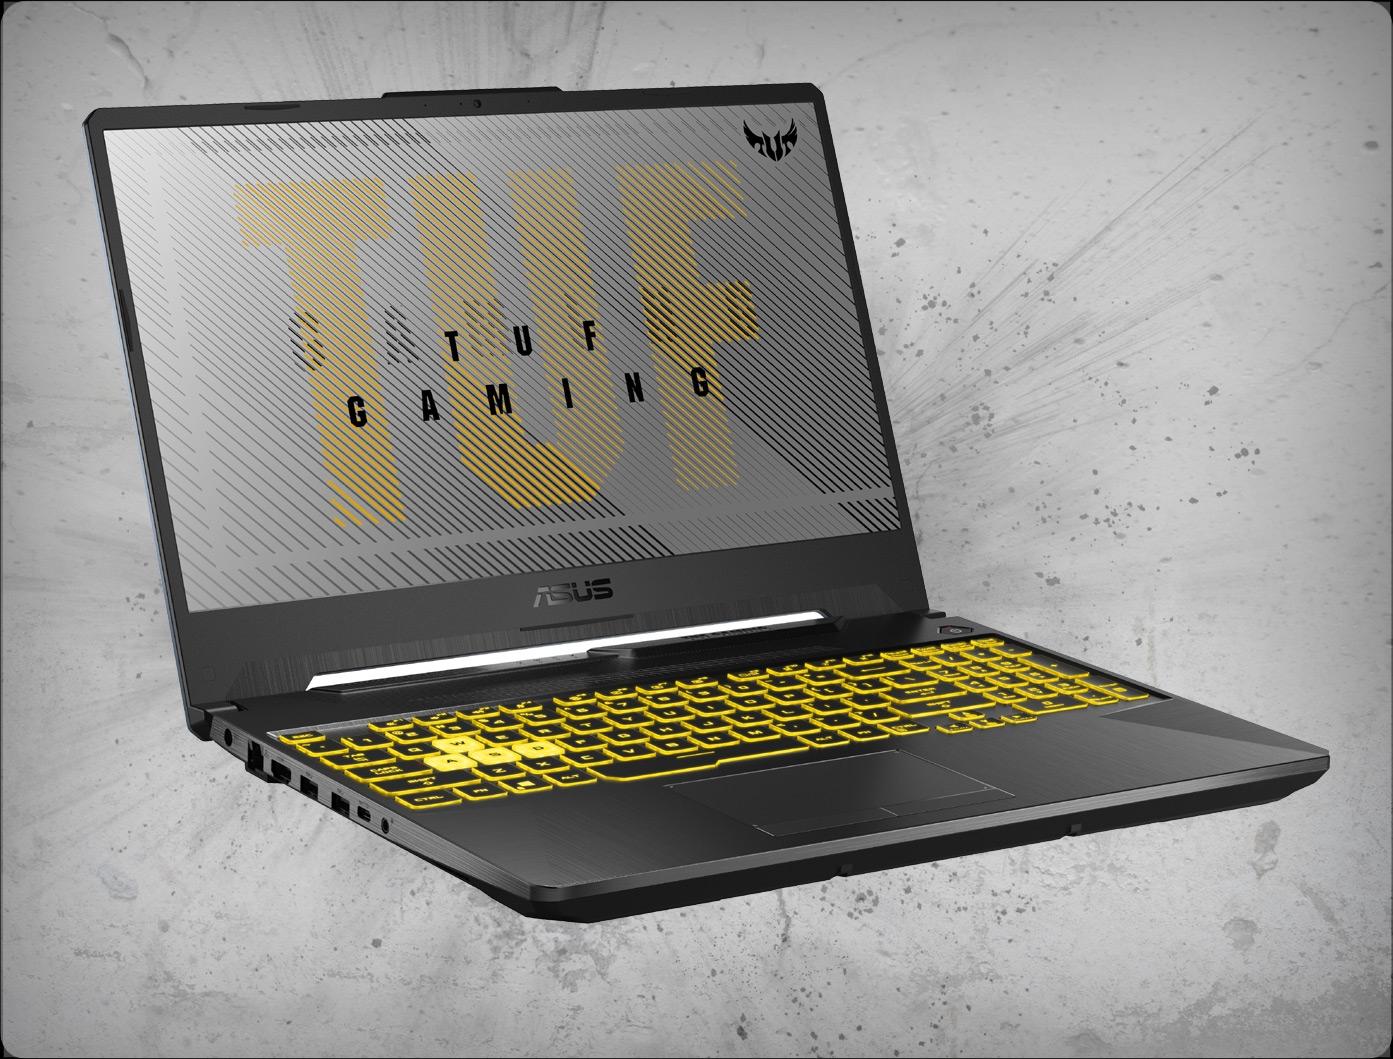 Asus Tuf Gaming Tuf506iu Es74 144hz Nvidia Gtx 1660ti 6gb Amd Ryzen 7 4800h